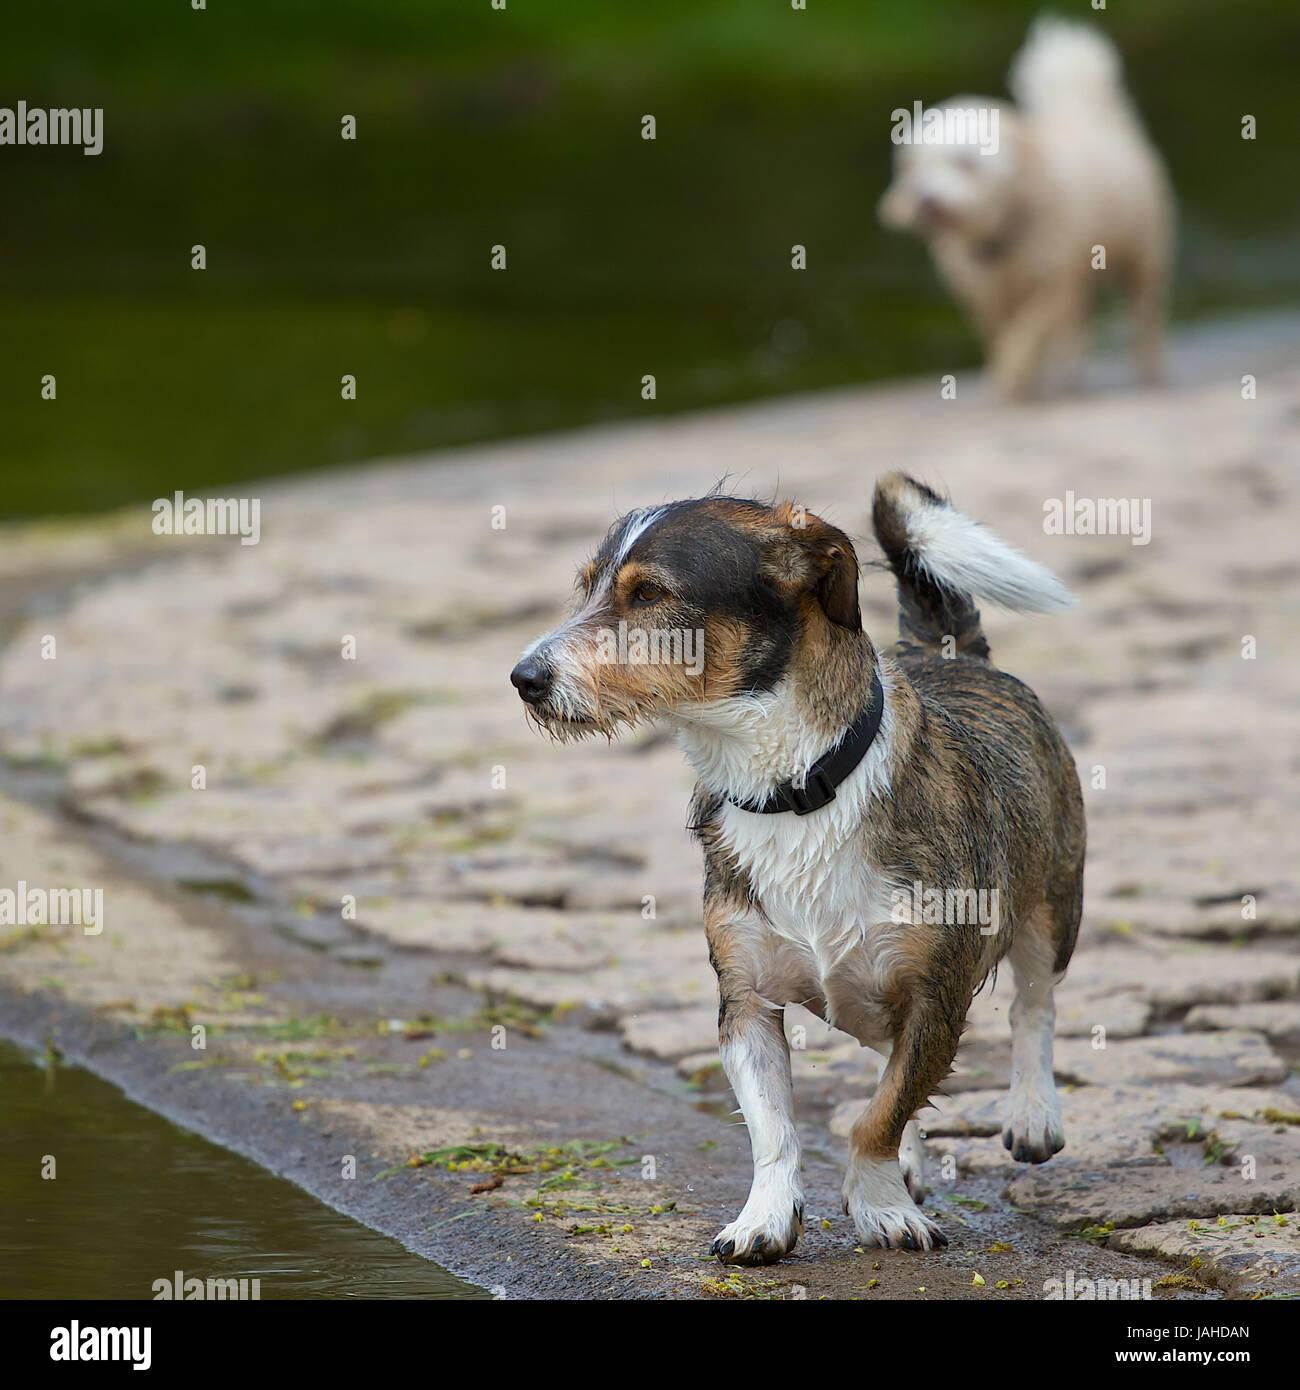 Ist ein dackel ein terrier